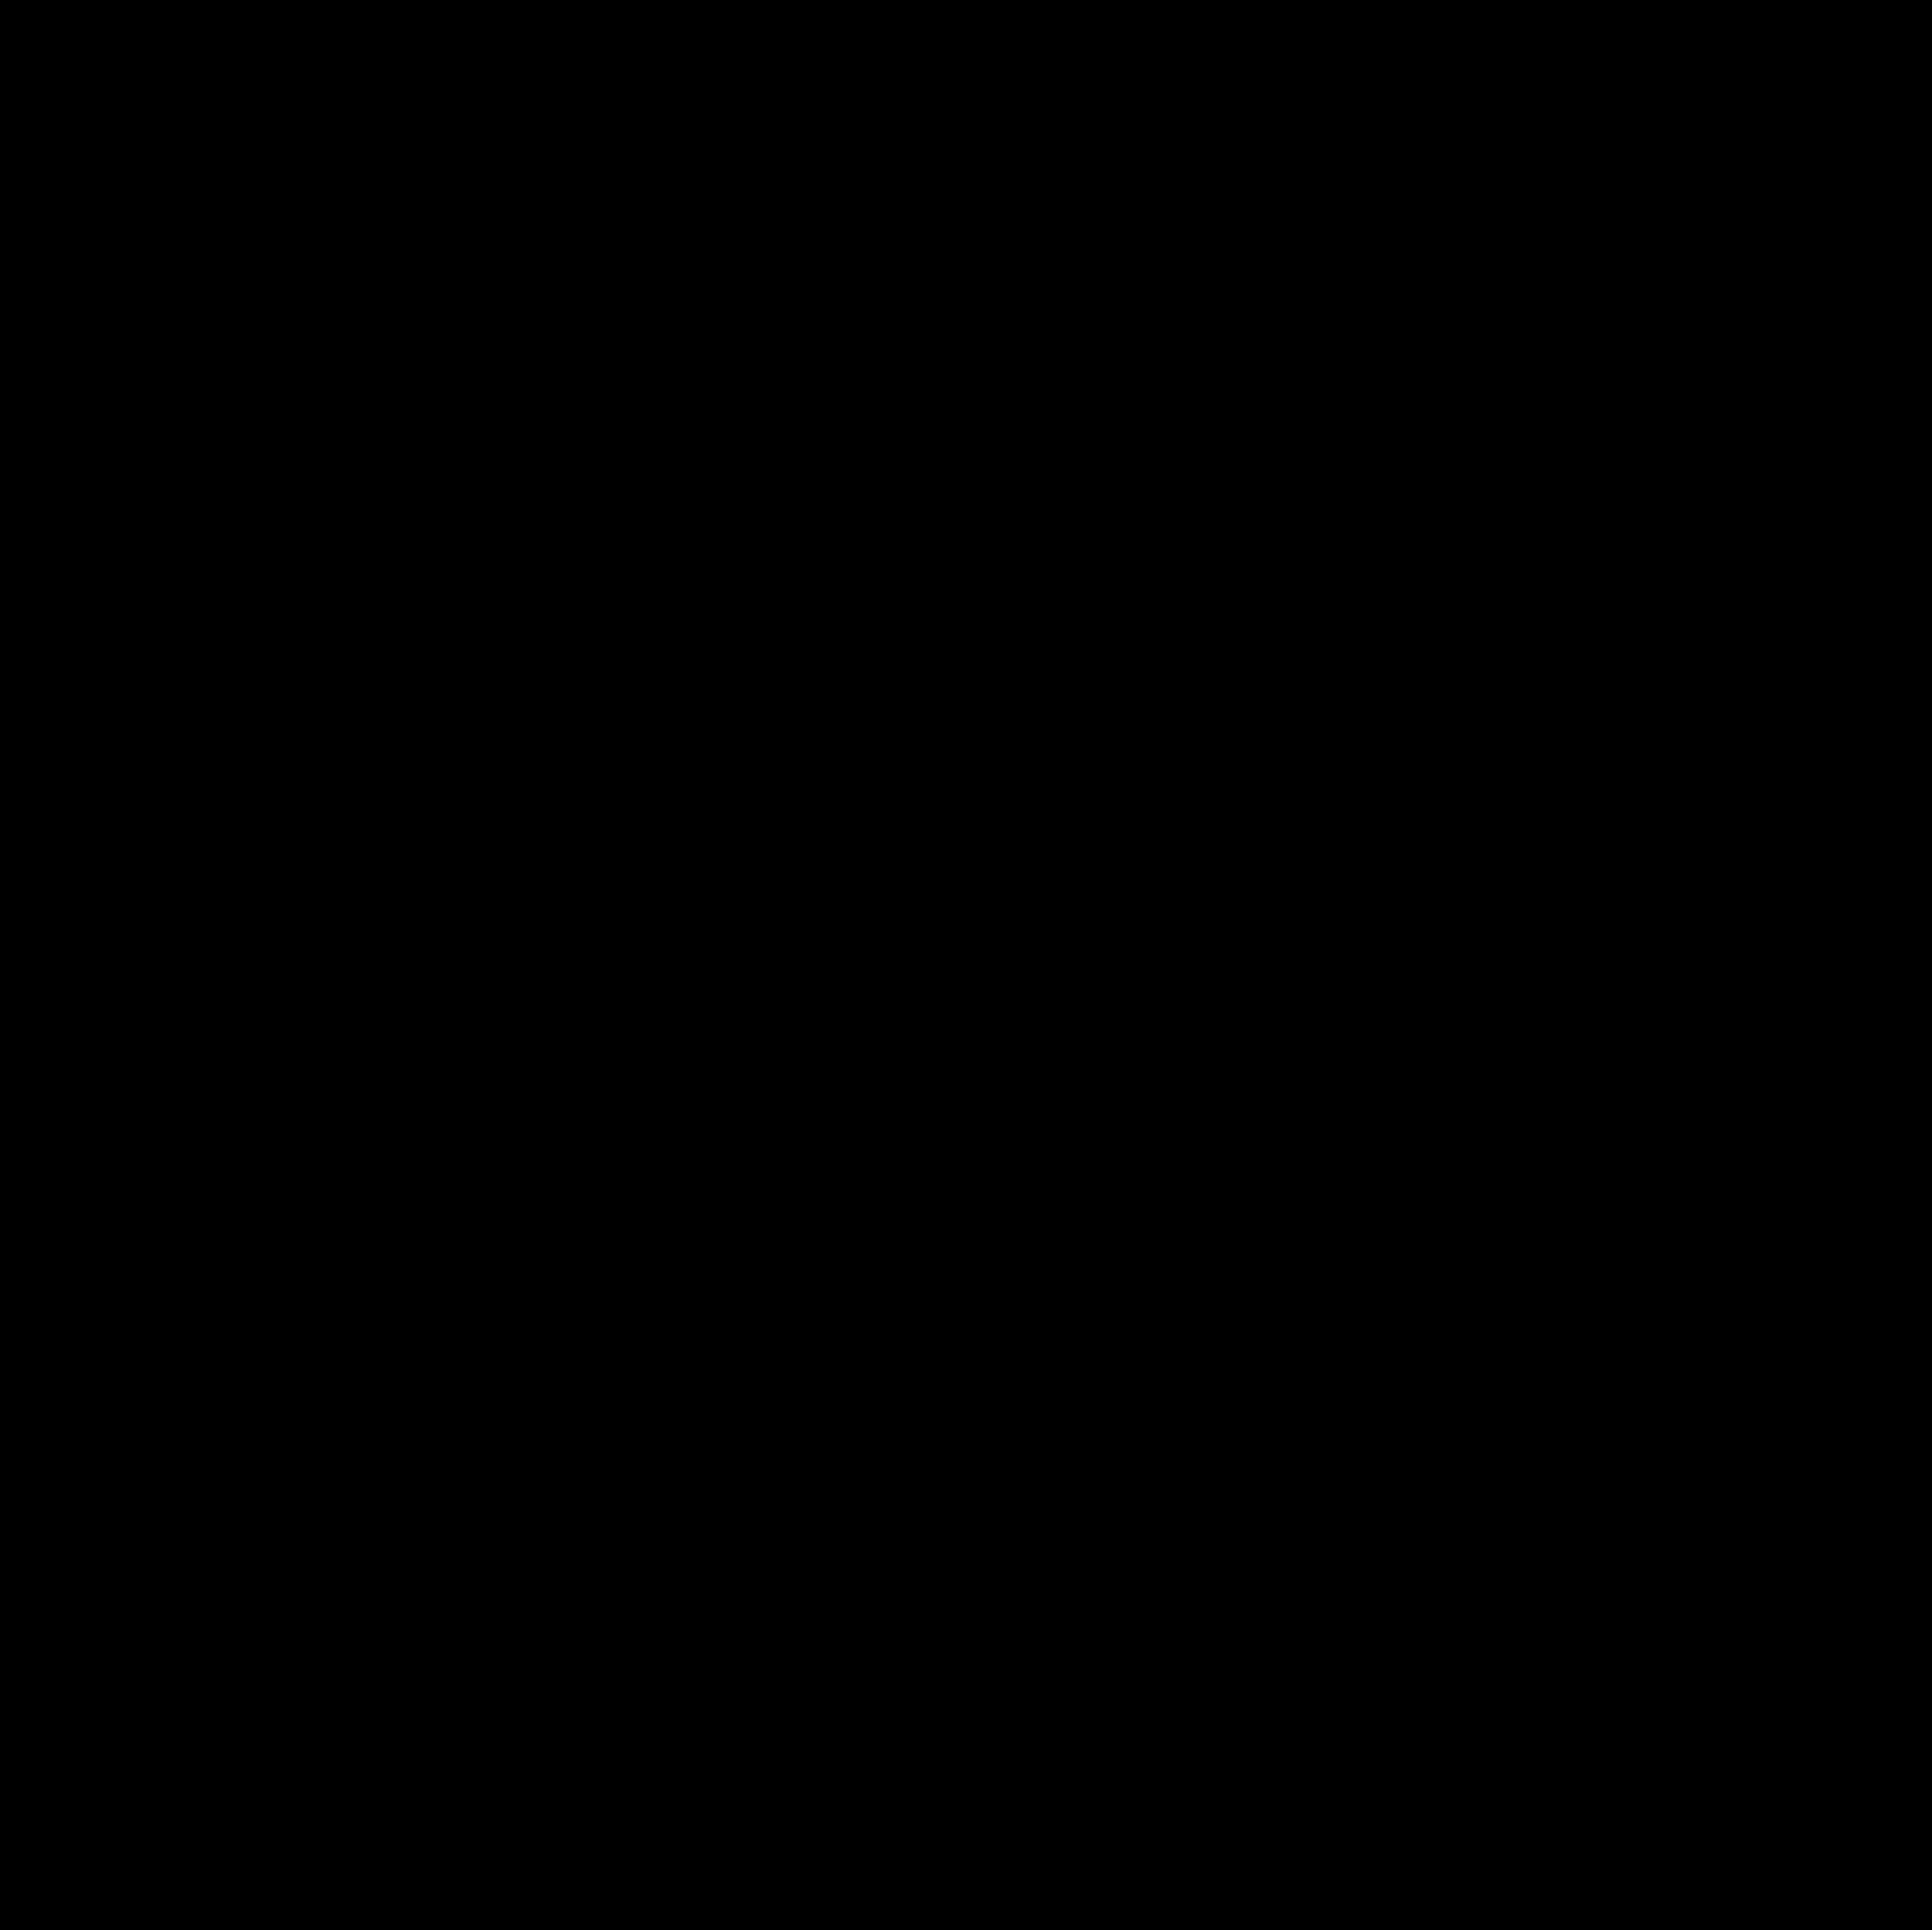 Pattern Zigzag vases